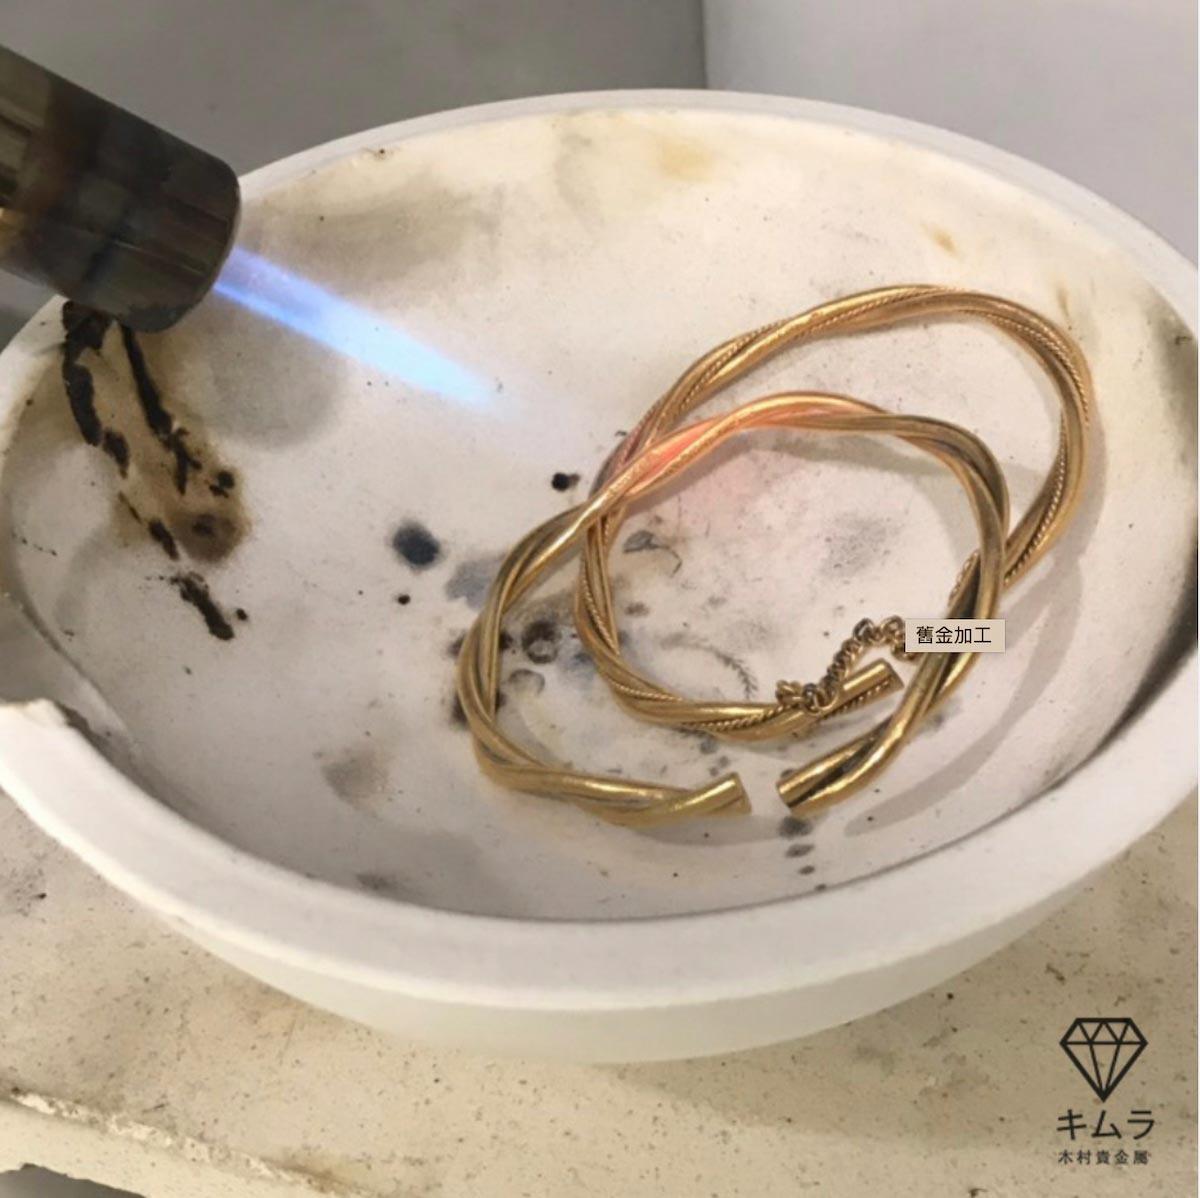 有些媽媽會把舊的金飾套組重新熔金,加工製成符合現在流行款